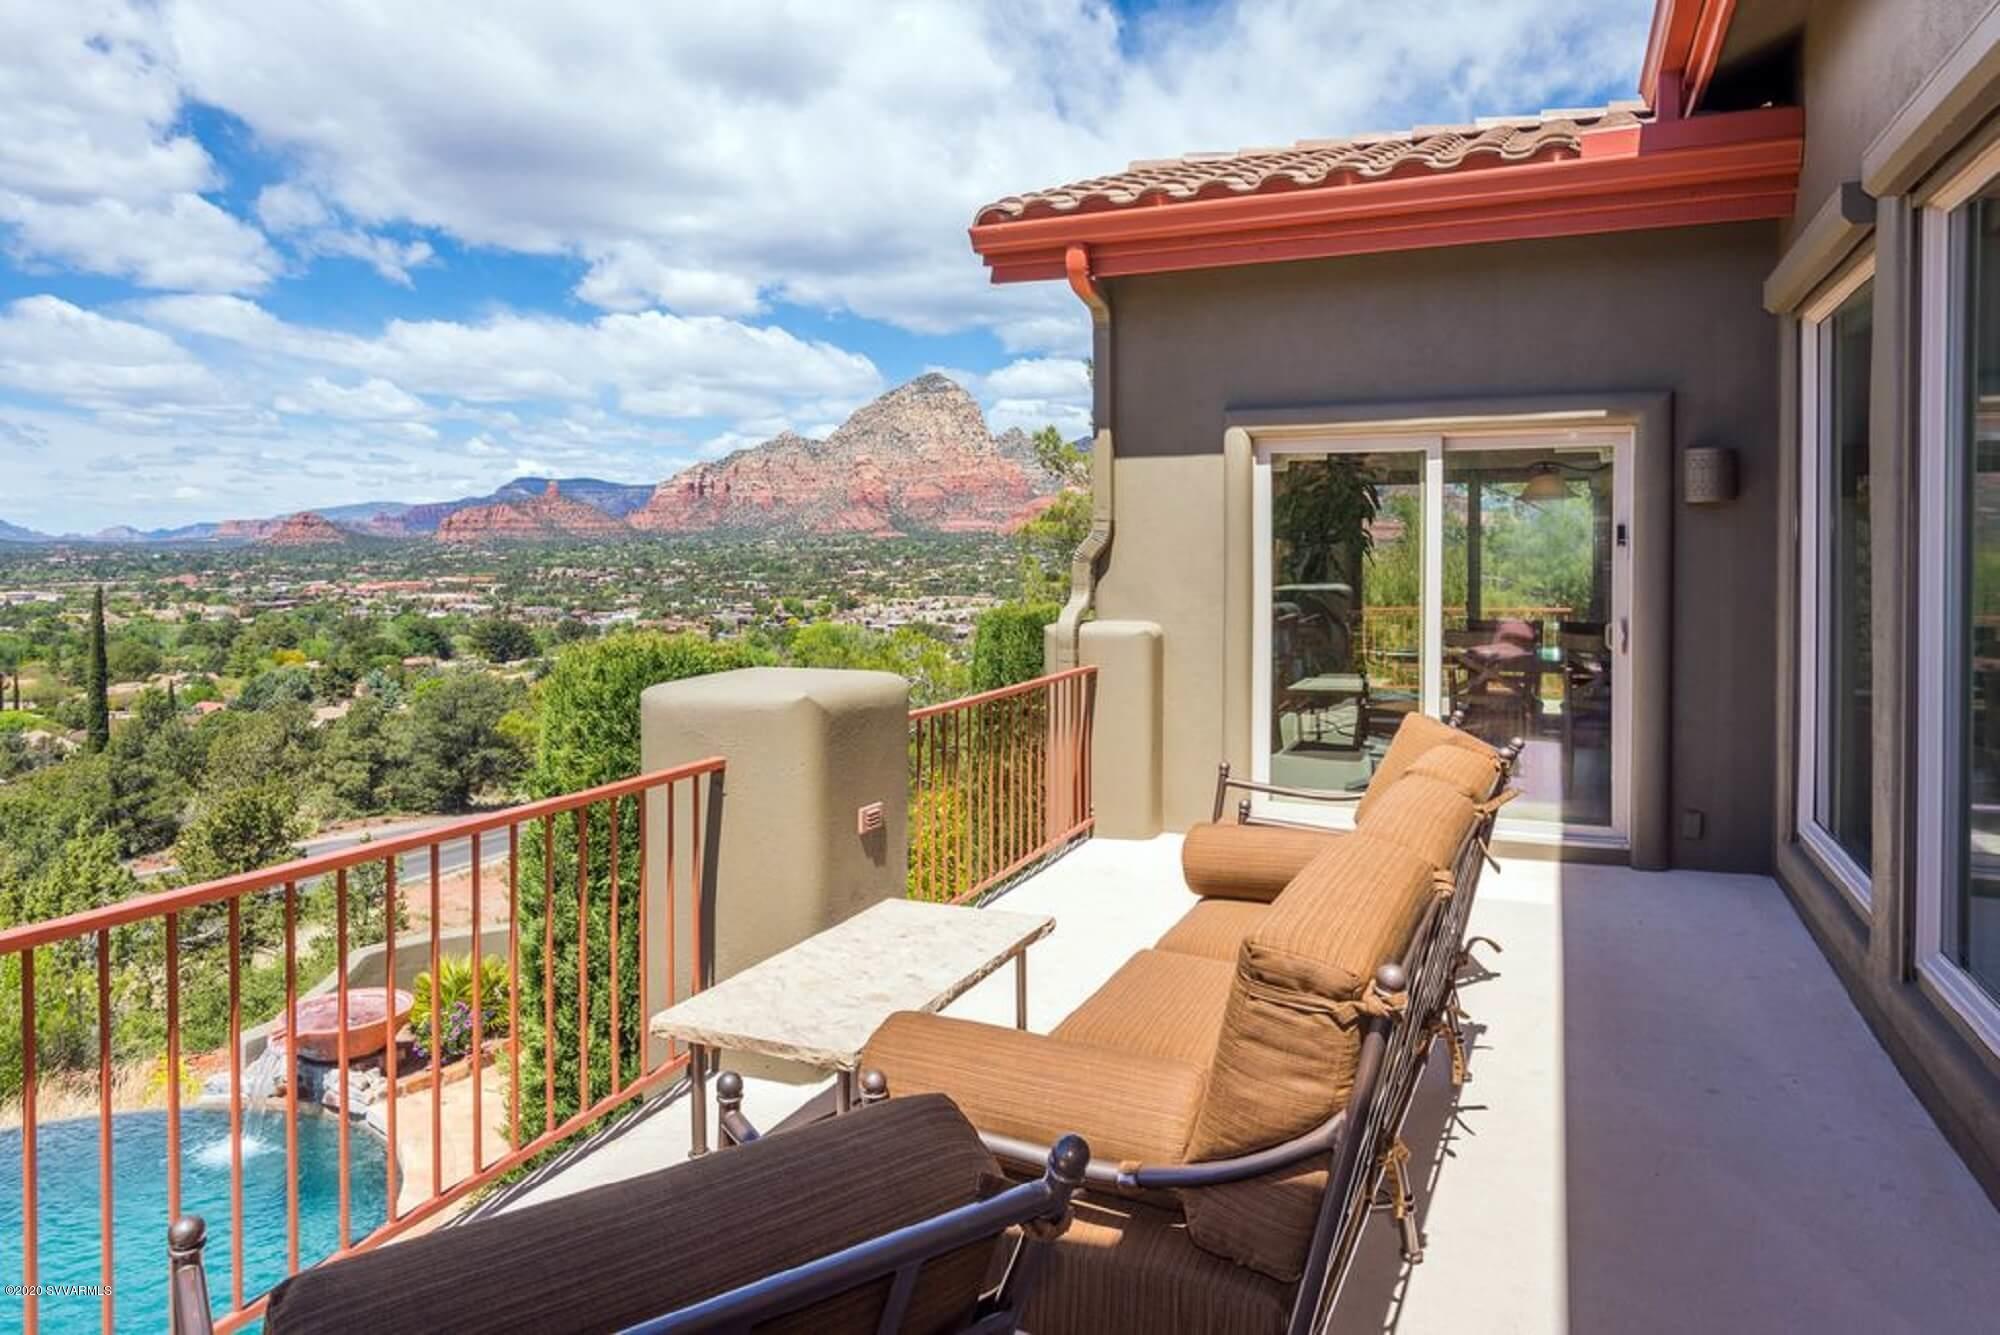 85 Mingus Mountain Rd Sedona, AZ 86336